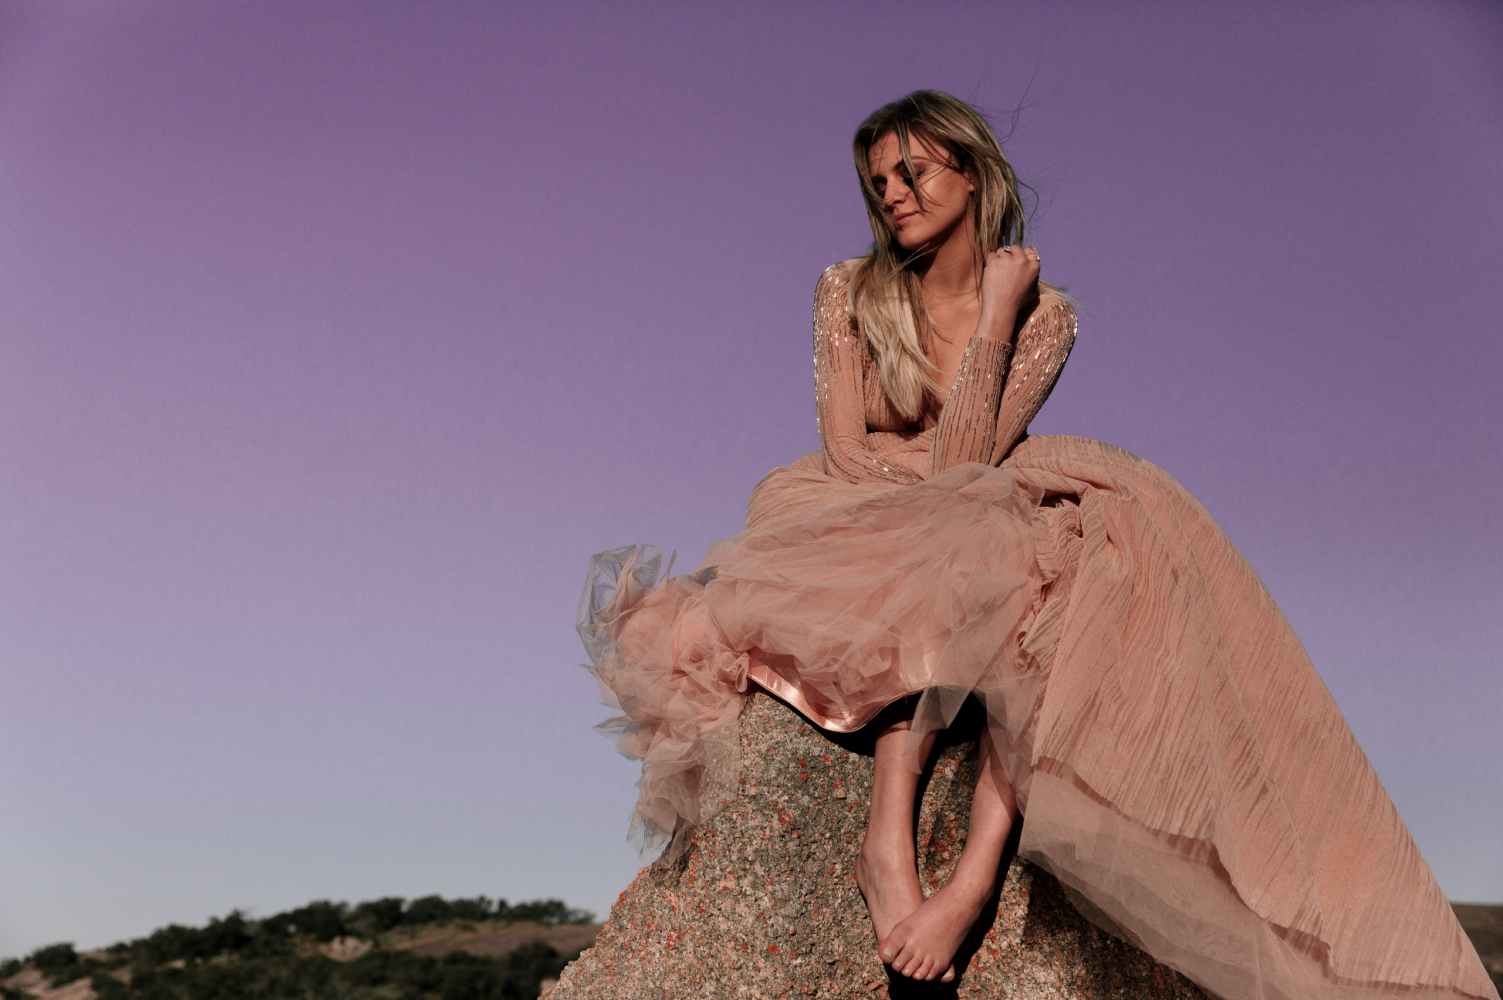 Kelsea Ballerini: The Cover Story